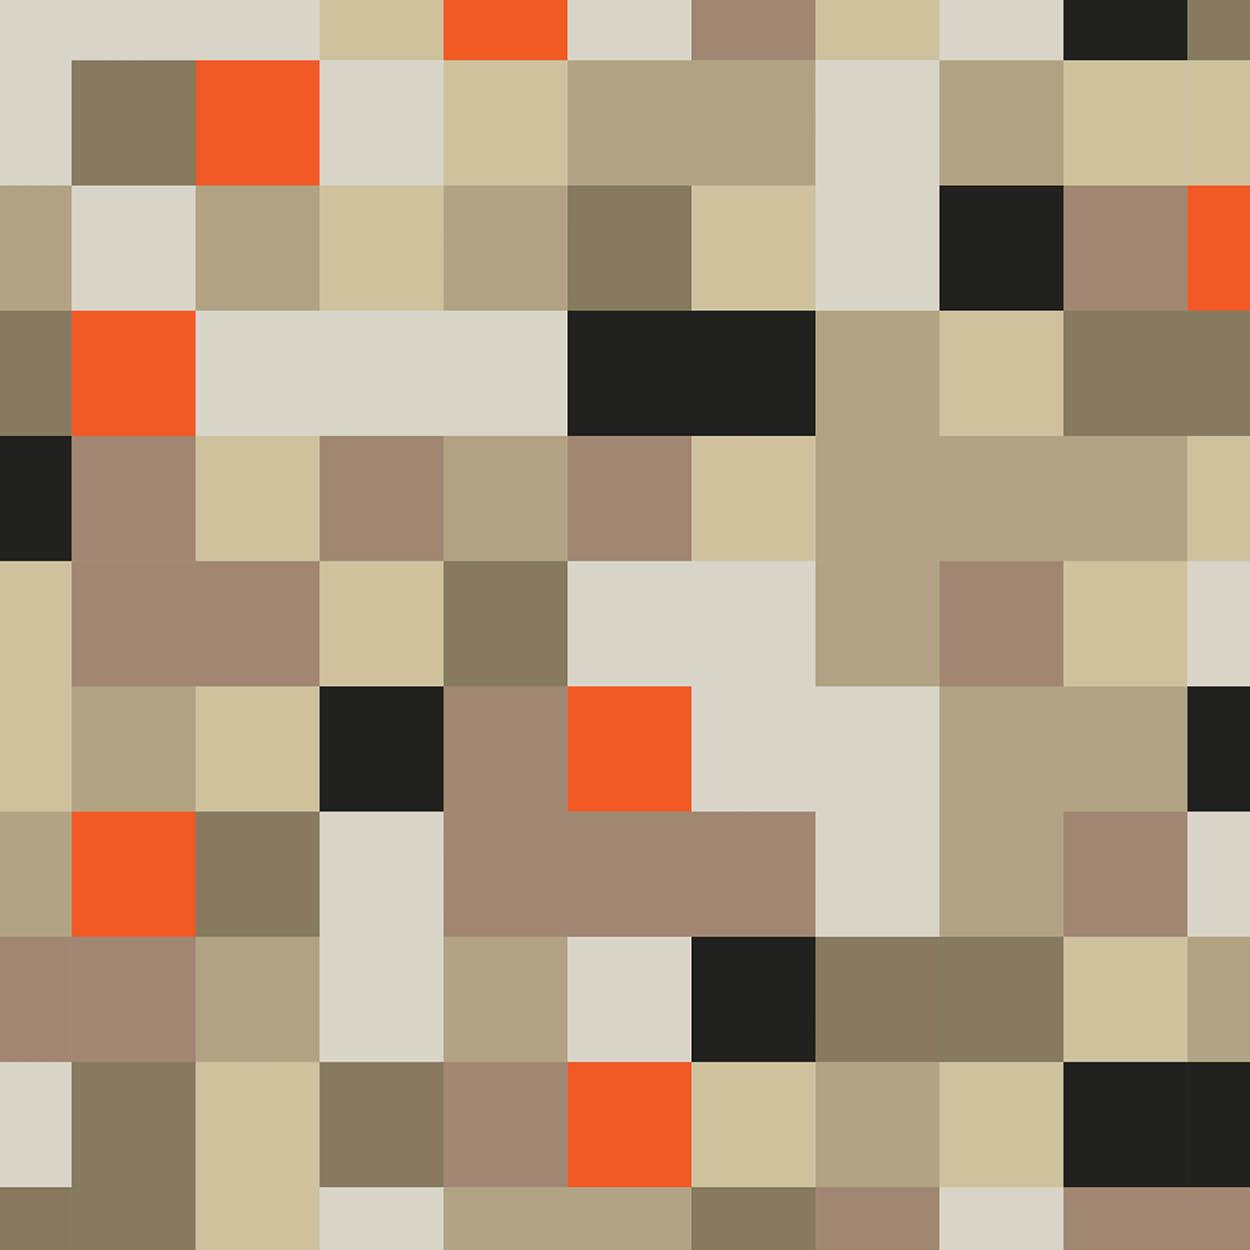 Big Pixel 2